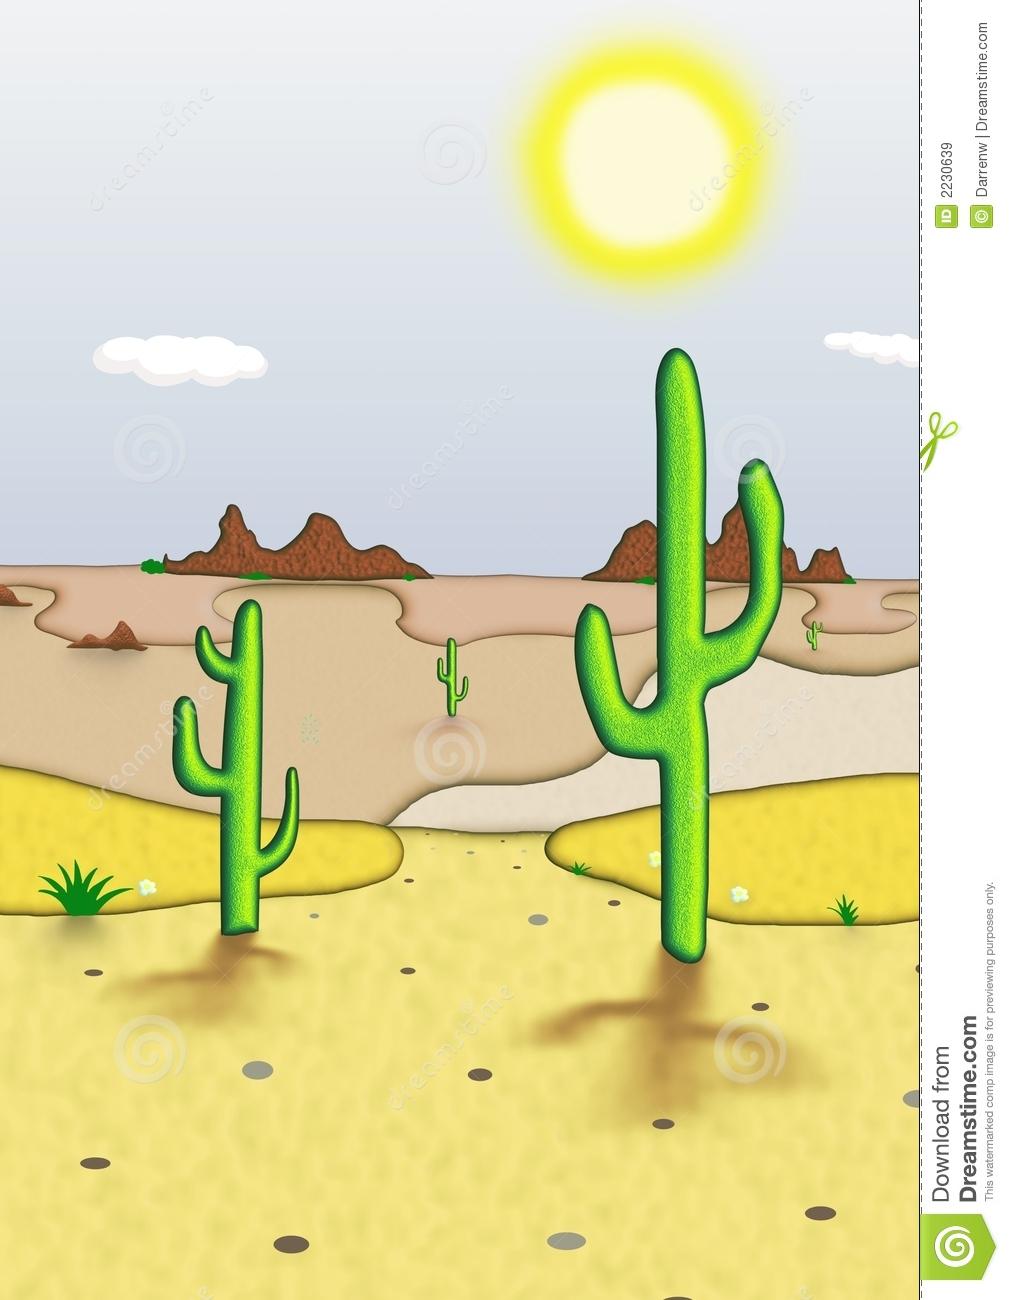 In The Desert clipart desert scene Cps 2230639 Desert Clipart 2Ljhvb